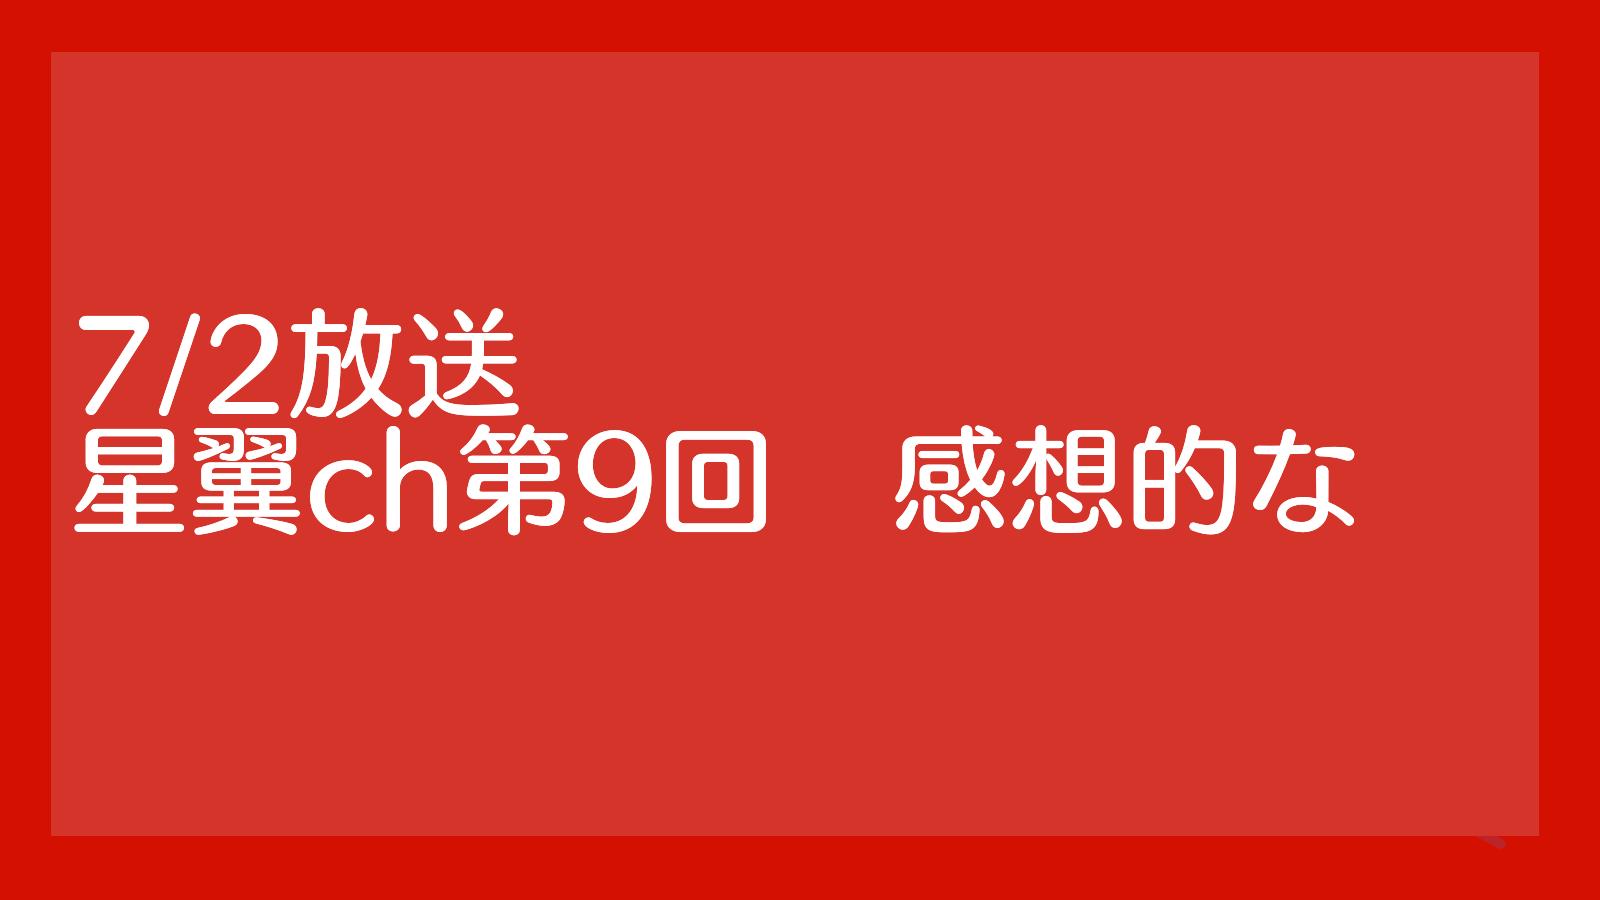 7/2放送星翼ch第9回まとめ